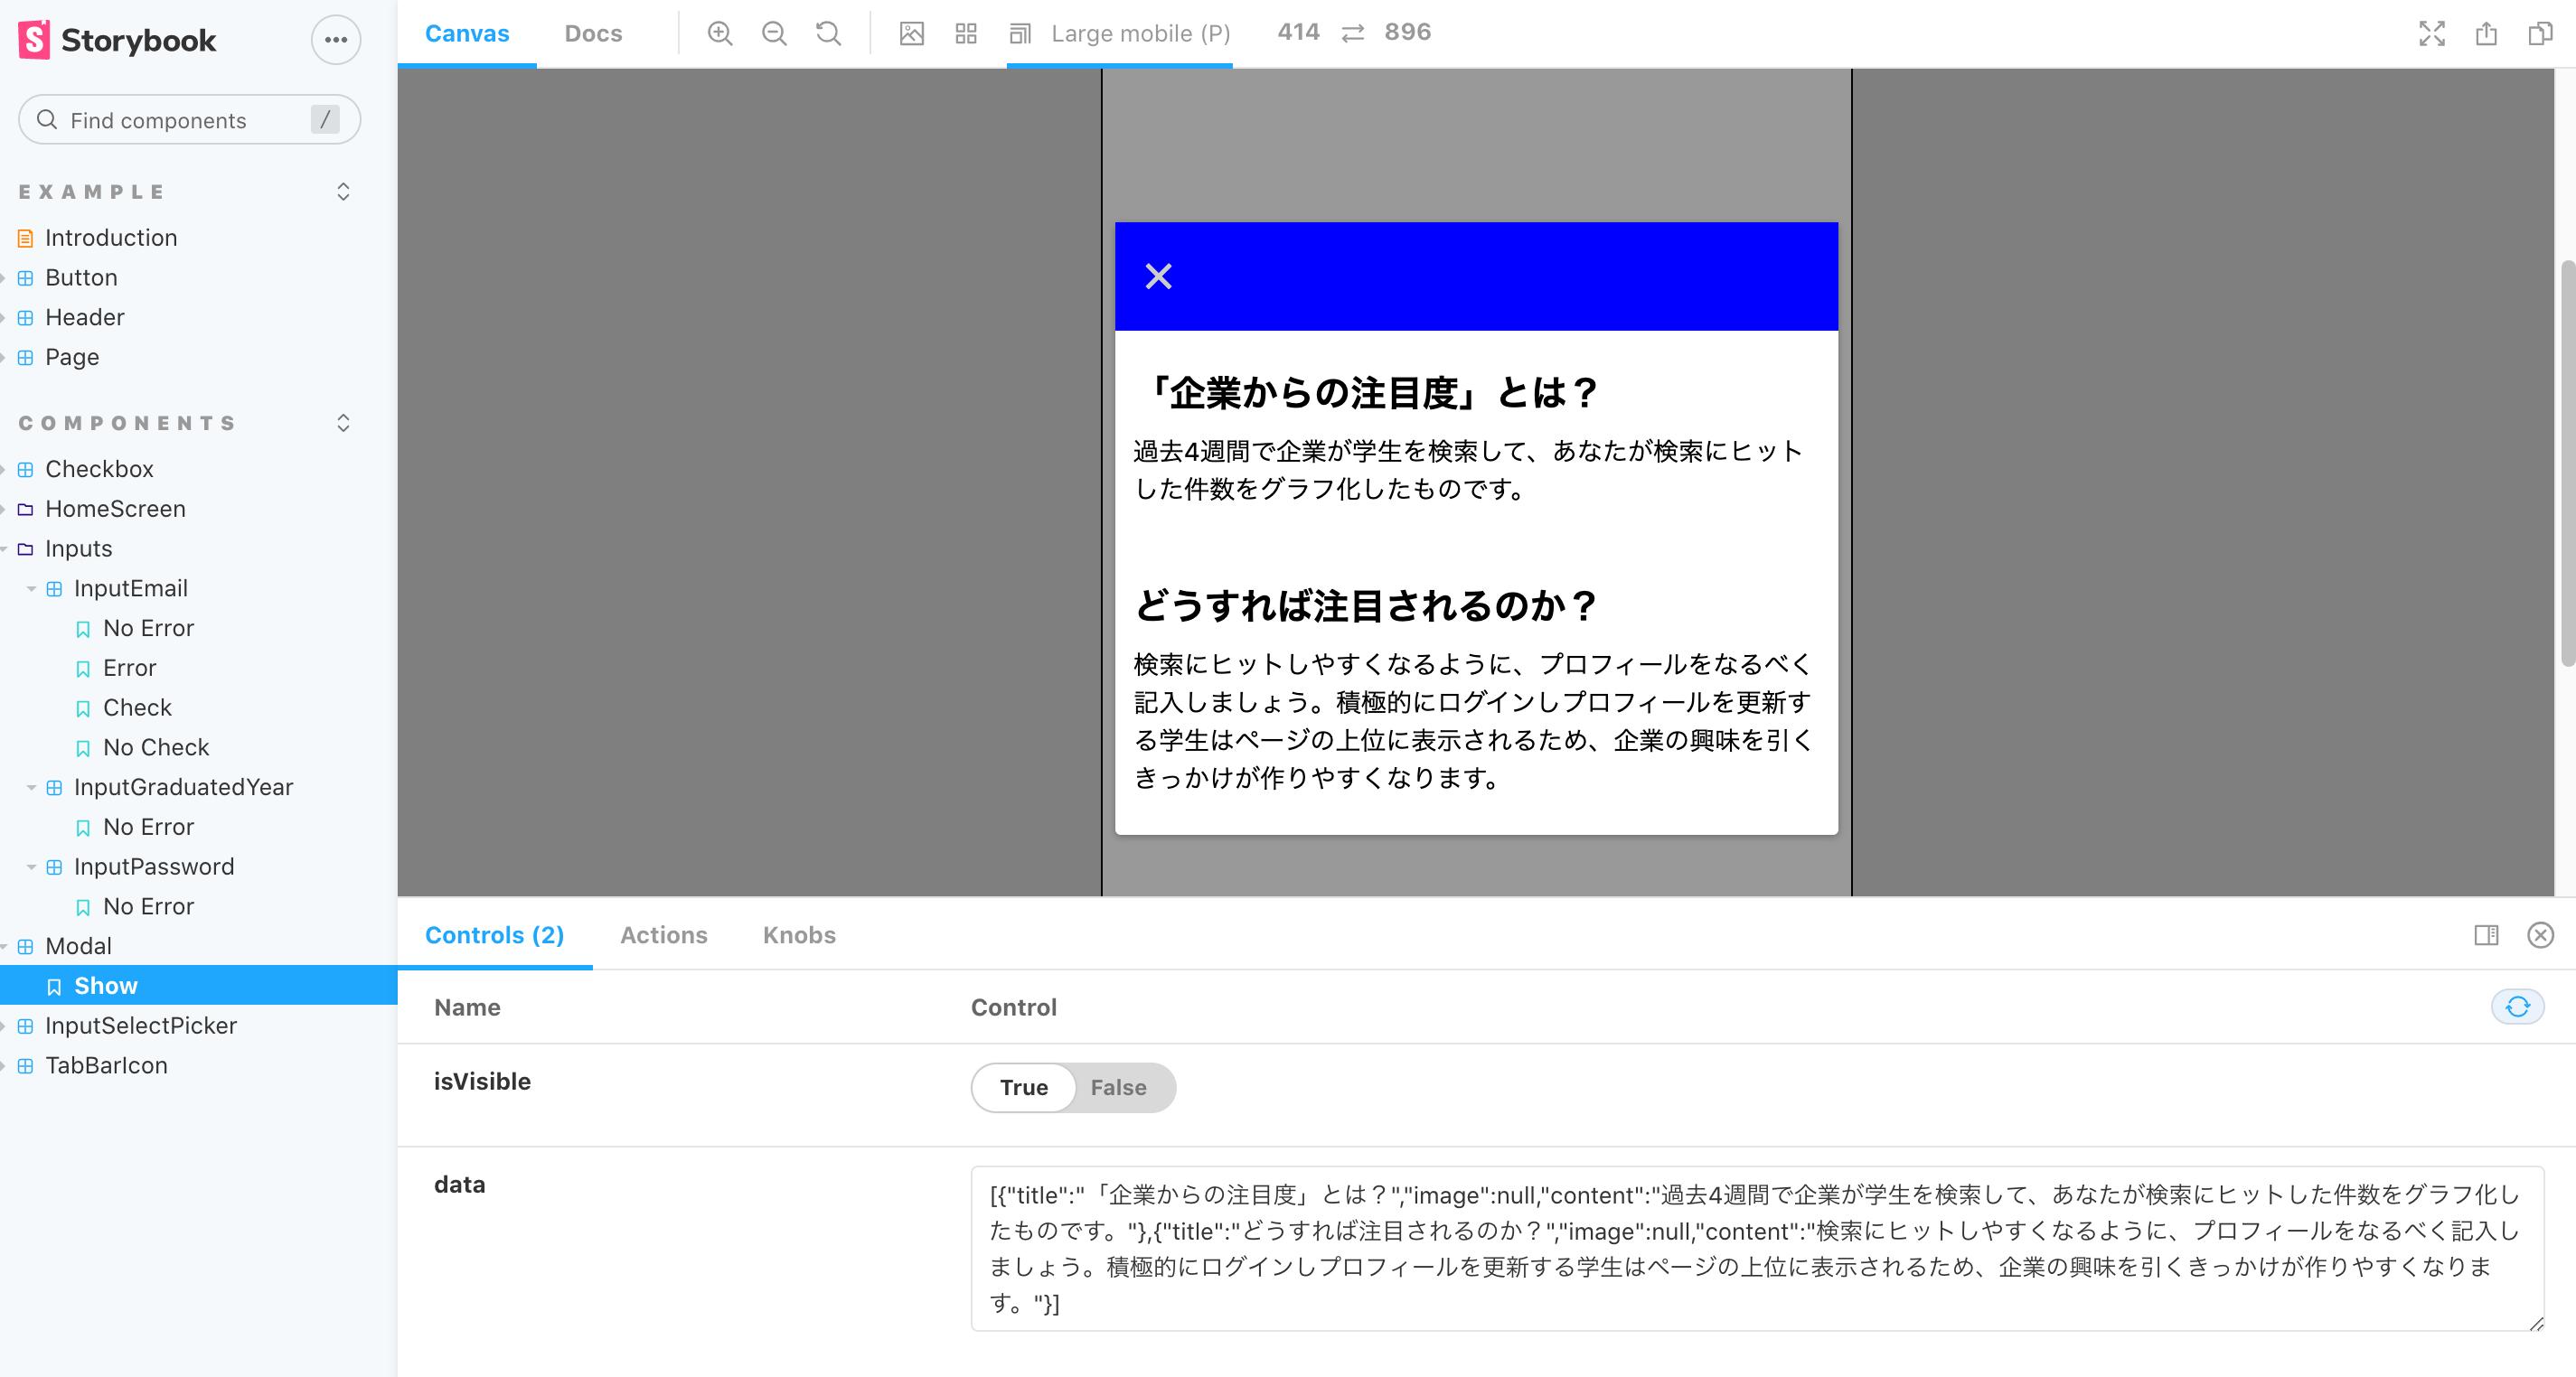 スクリーンショット 2021-01-18 18.50.11